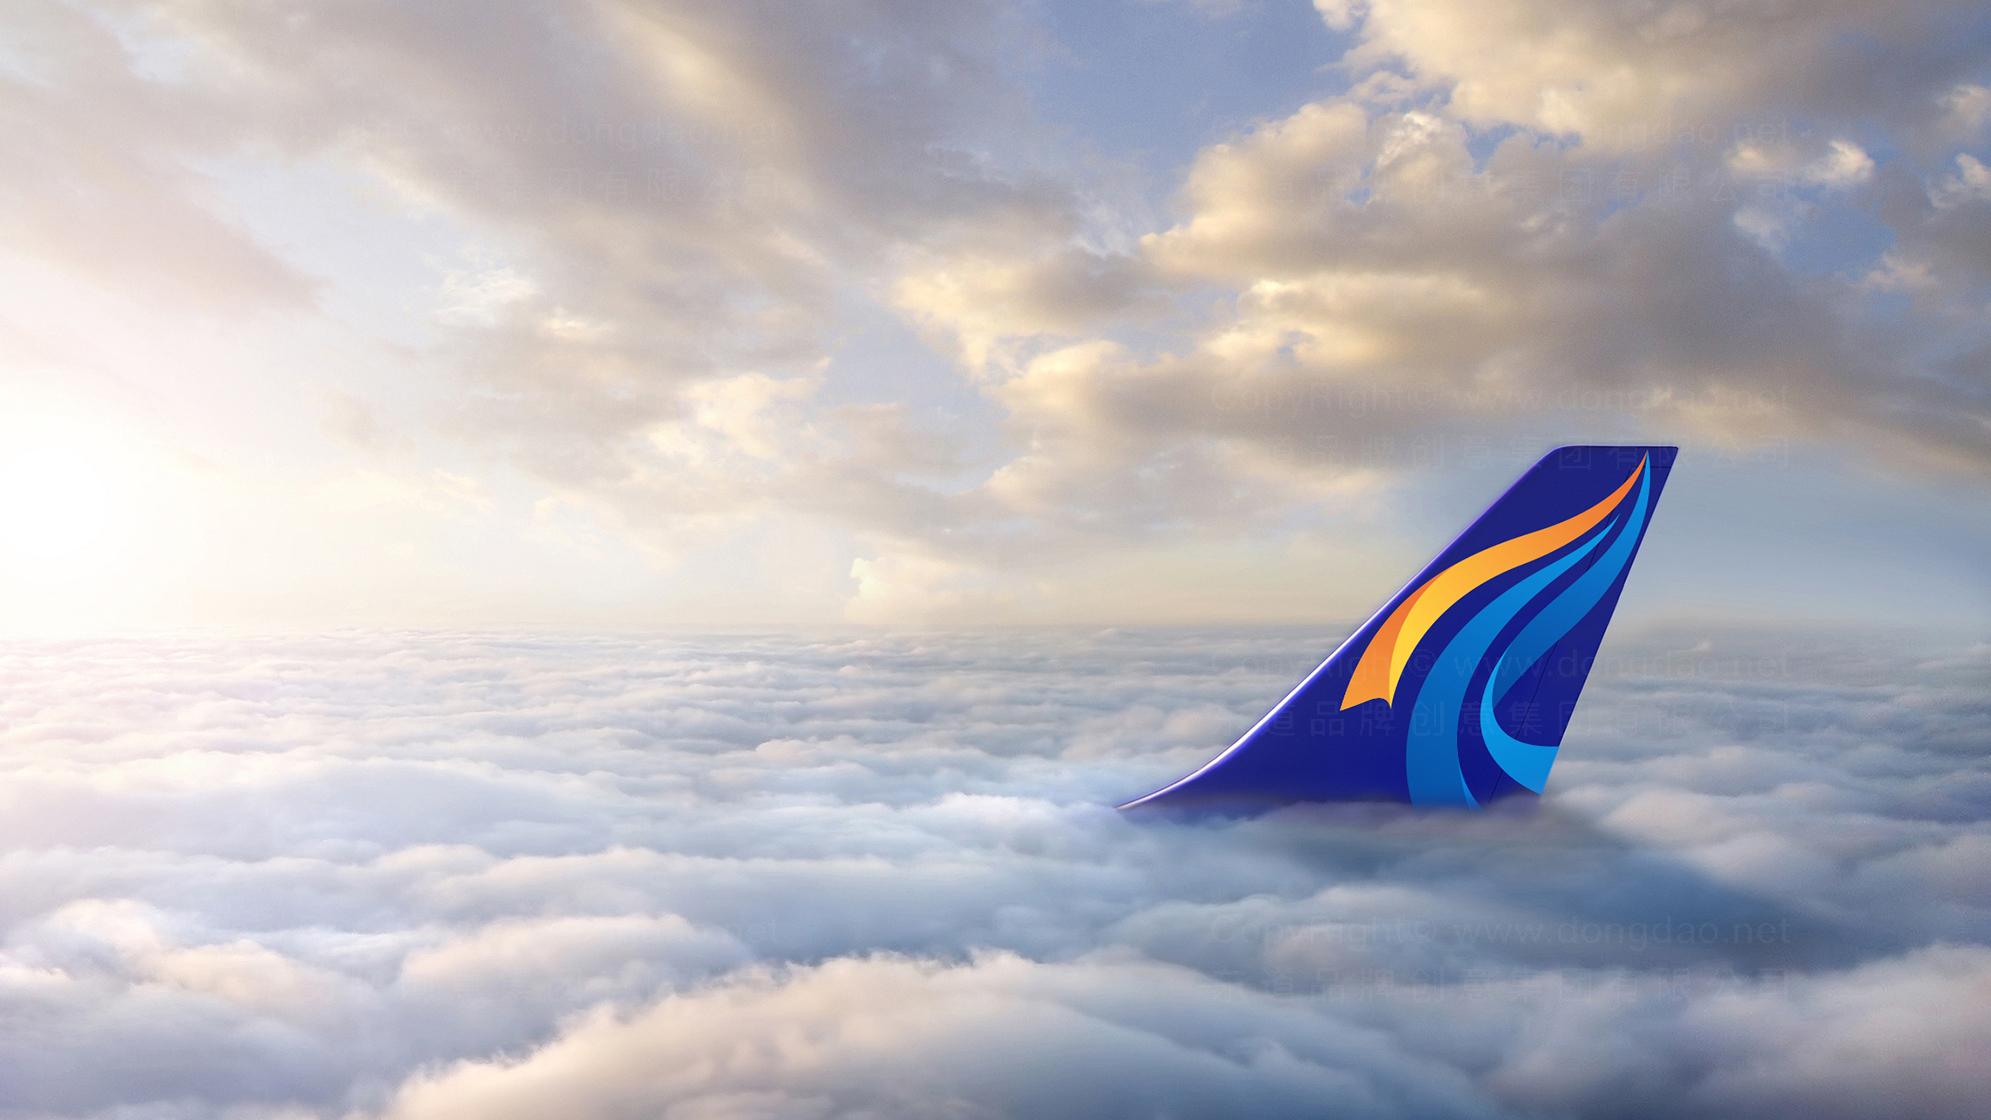 品牌设计西北国际货运航空LOGO&VI设计应用场景